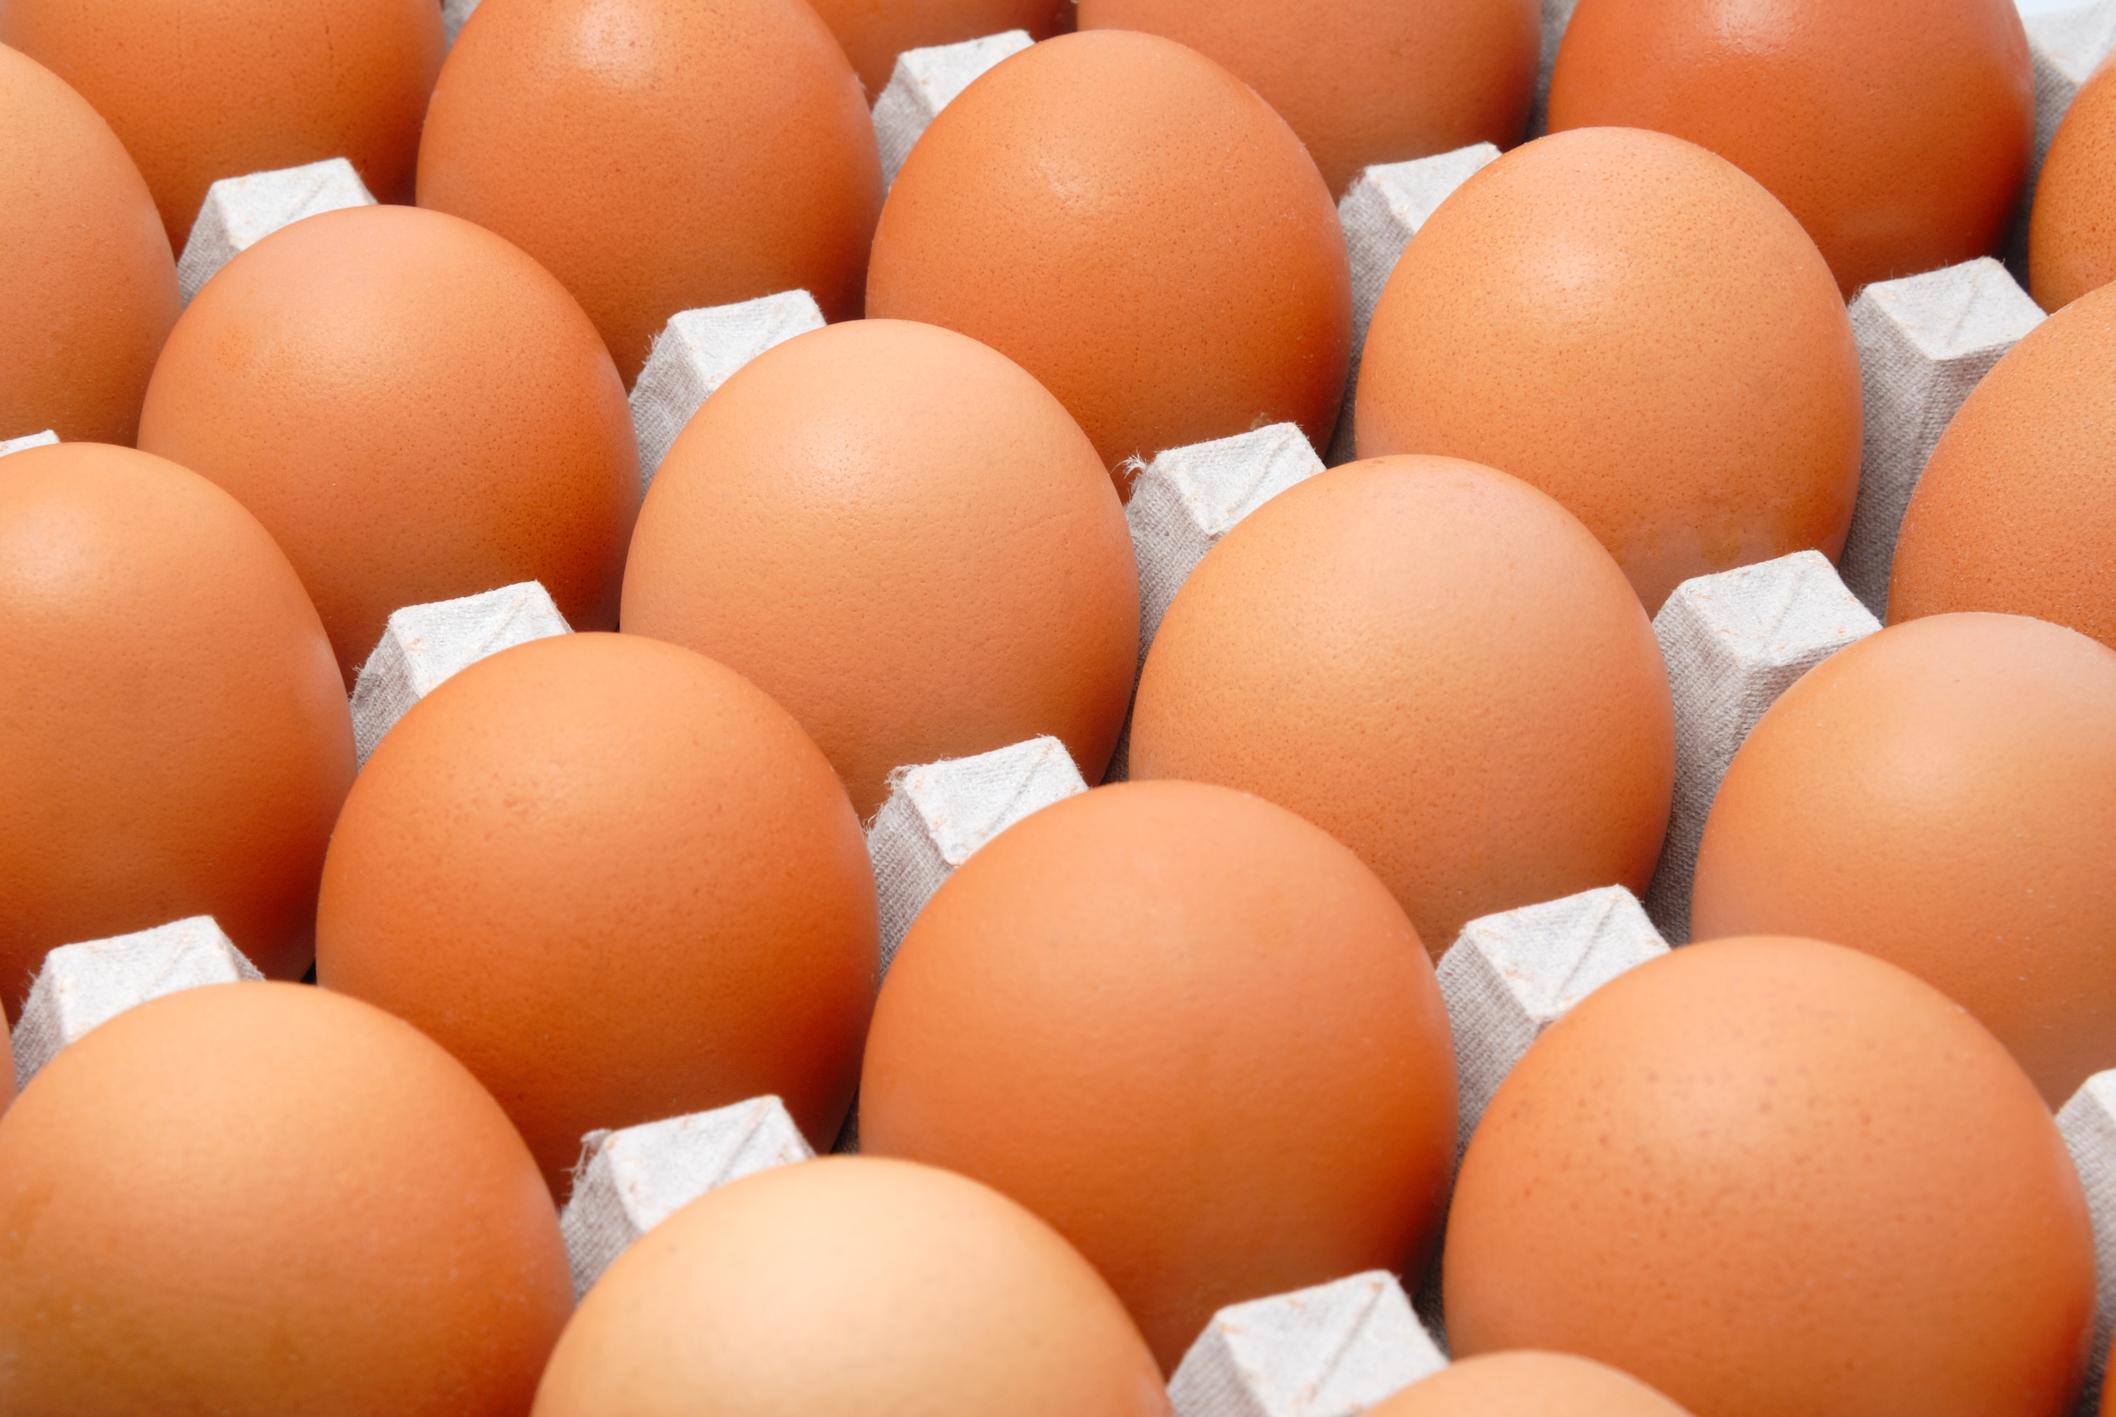 Piden 1.500 huevos y les traen 15.000